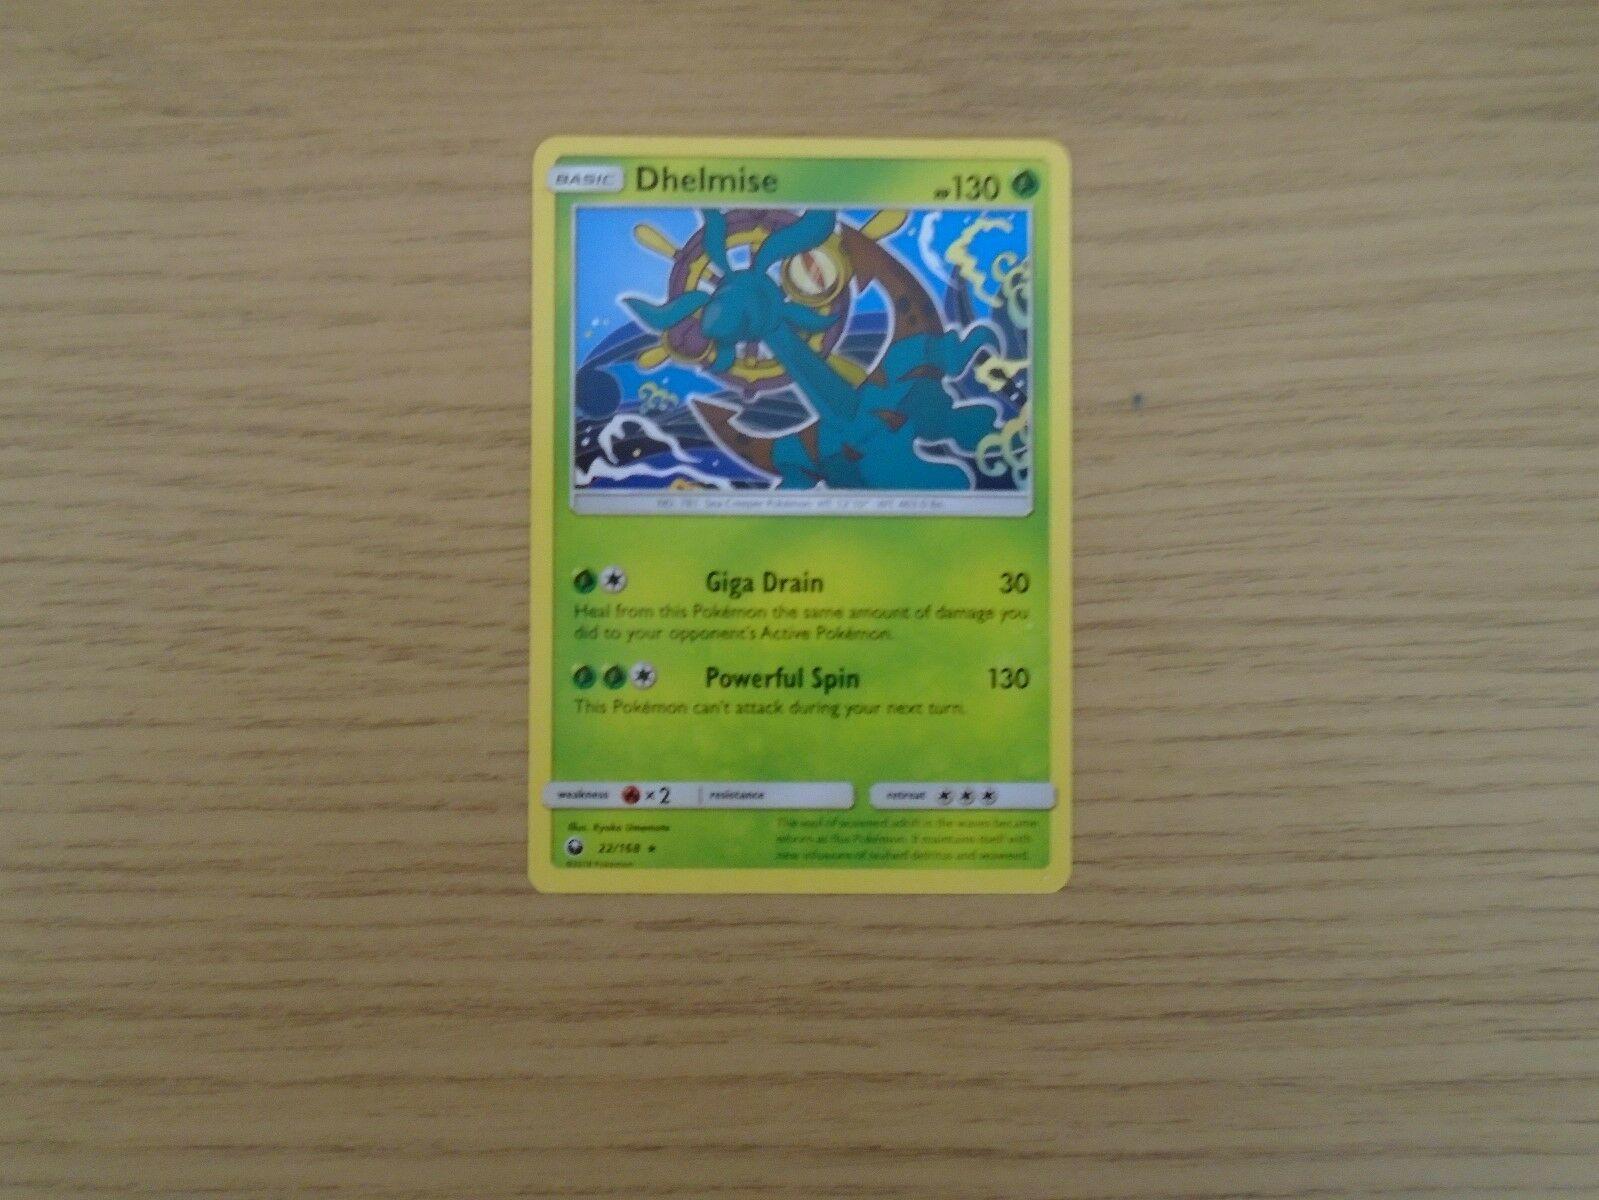 Pokemon Card - DHELMISE - Celestial Storm - 22/168 - Mint - Rare